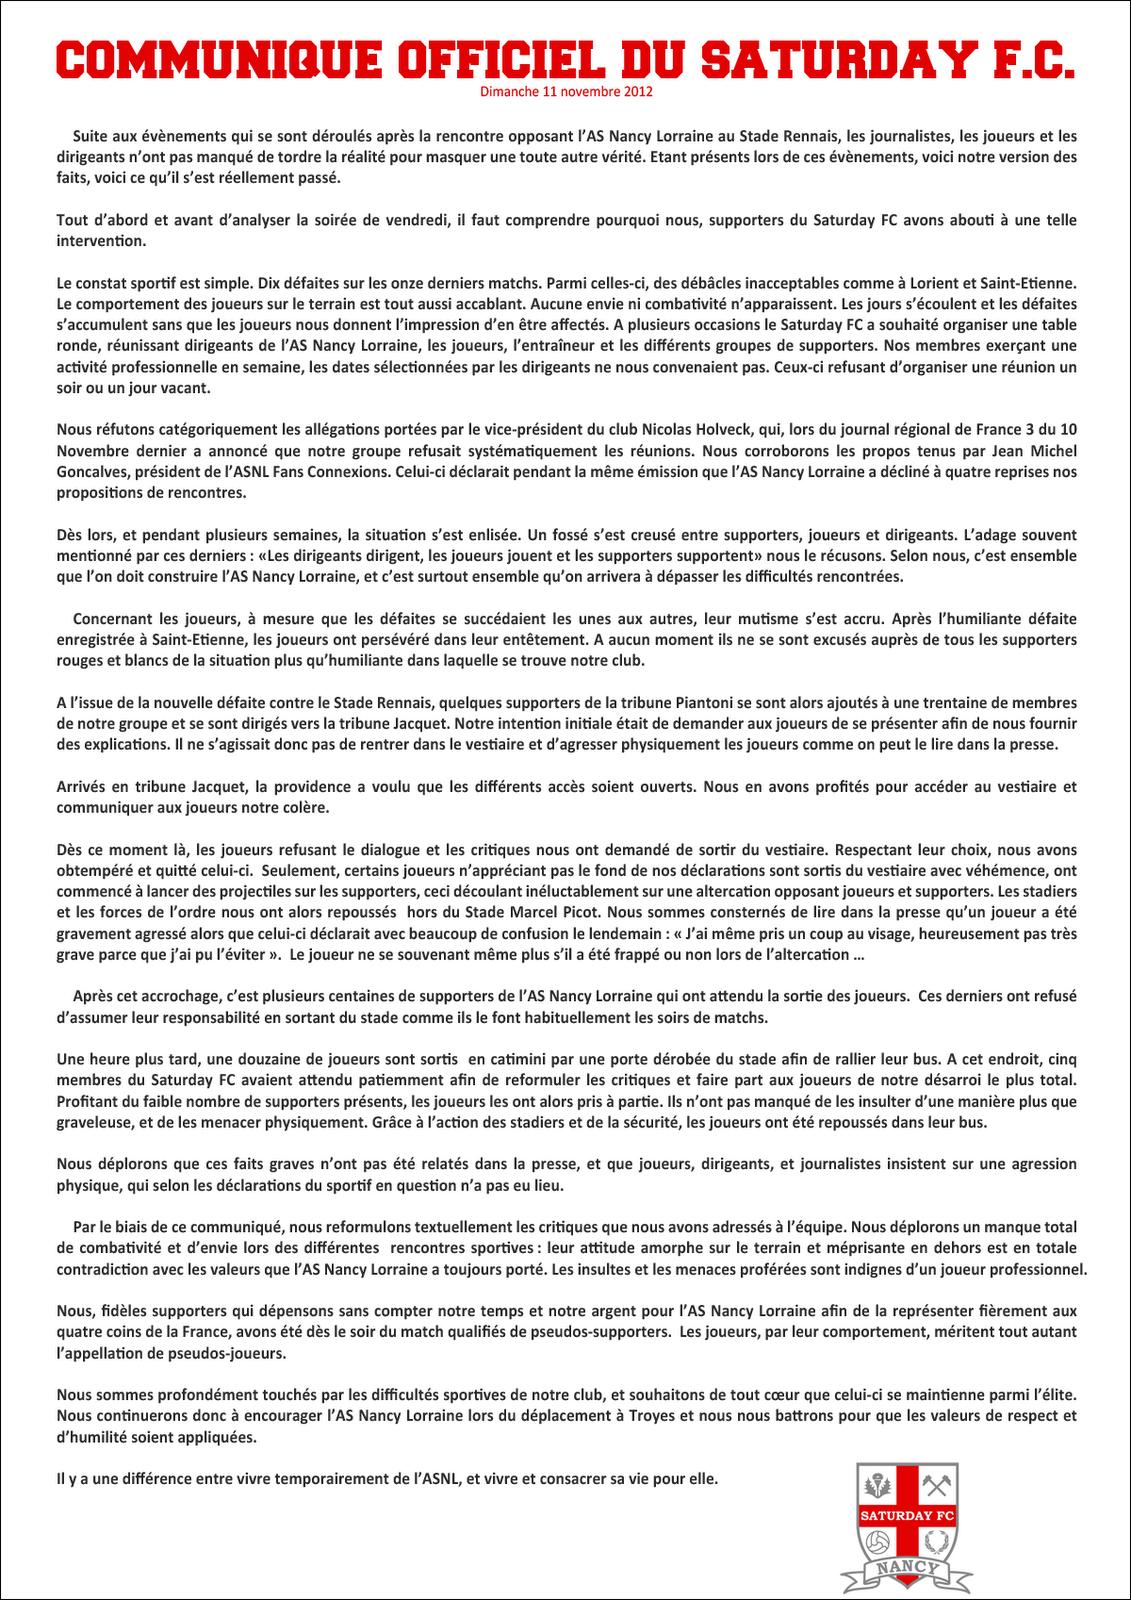 Le Mouvement en France . - Page 12 Communique-sfc-11-11-2012